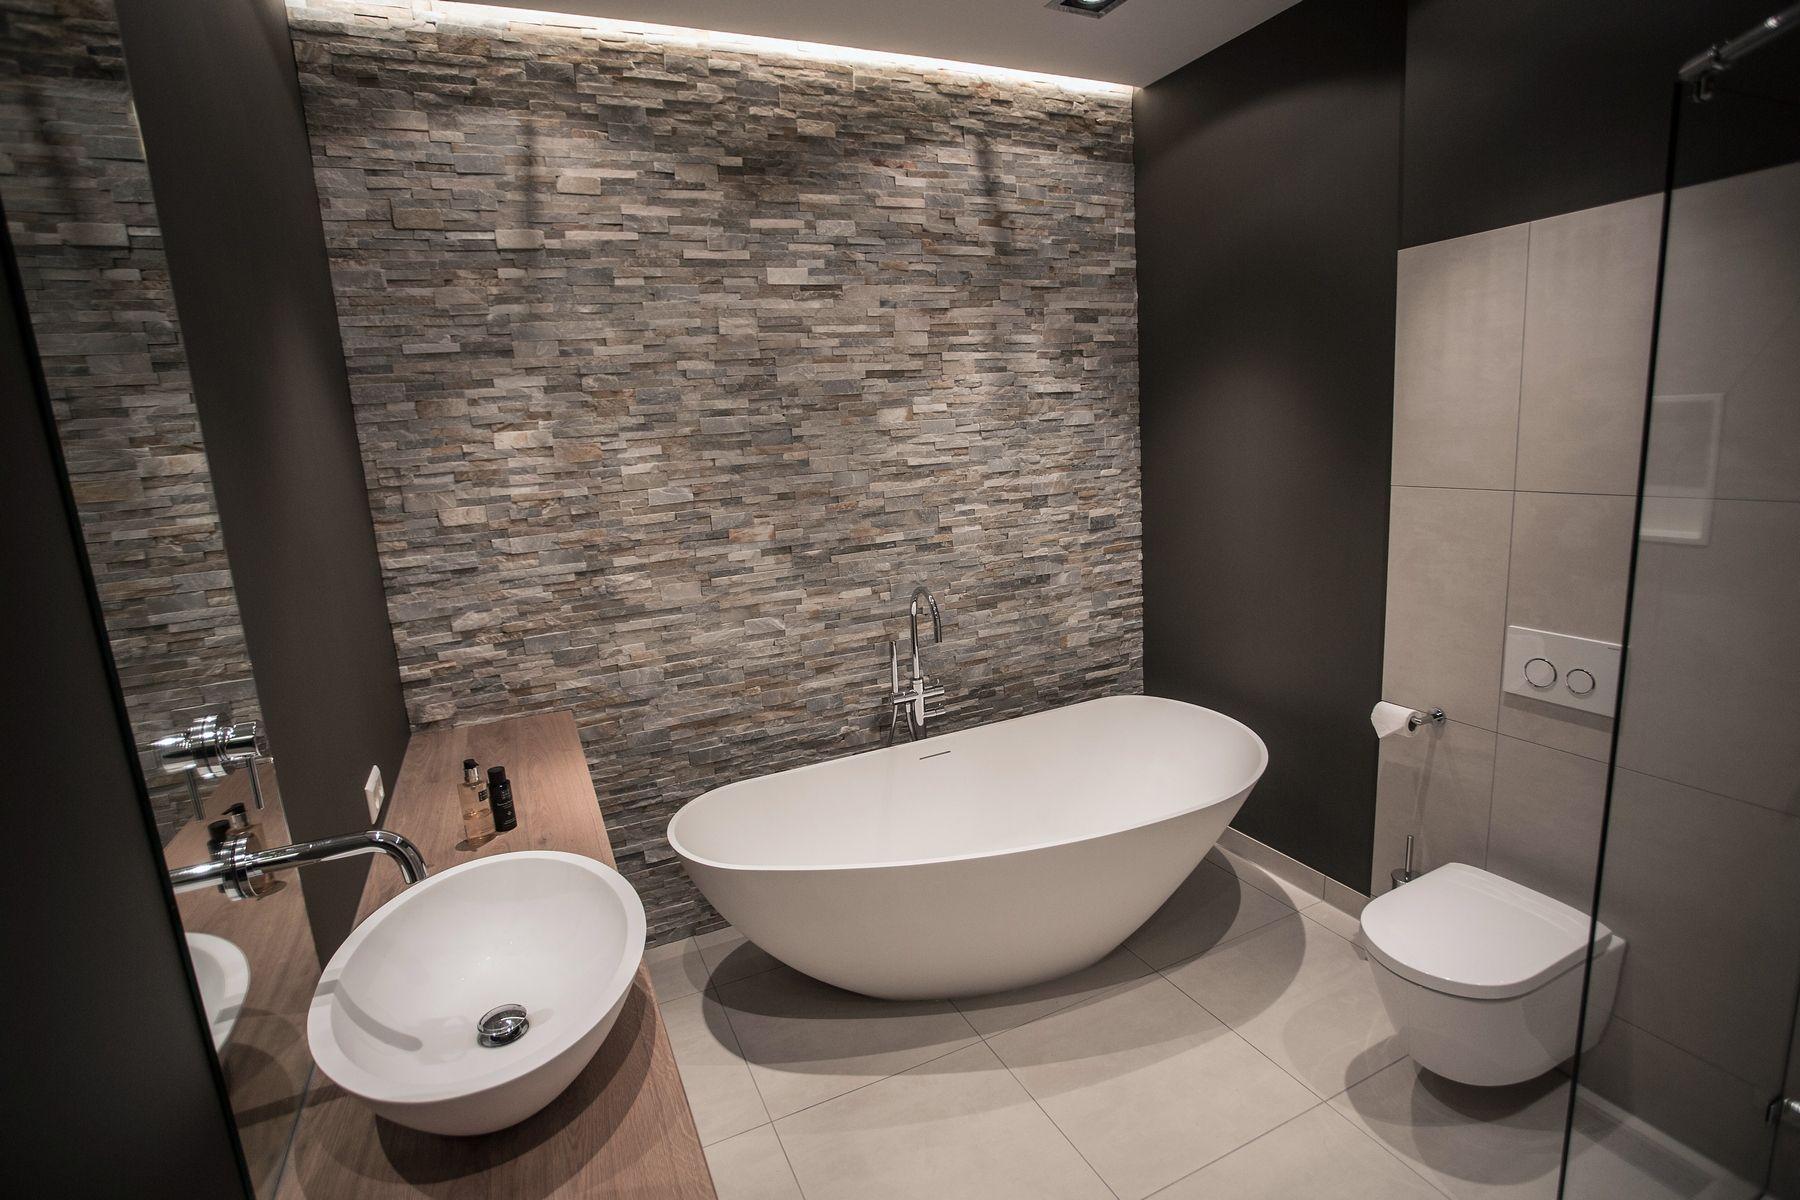 Lichtplan Voor Badkamer : Badkamer alkmaar badkamershowroom de eerste kamer bathroom